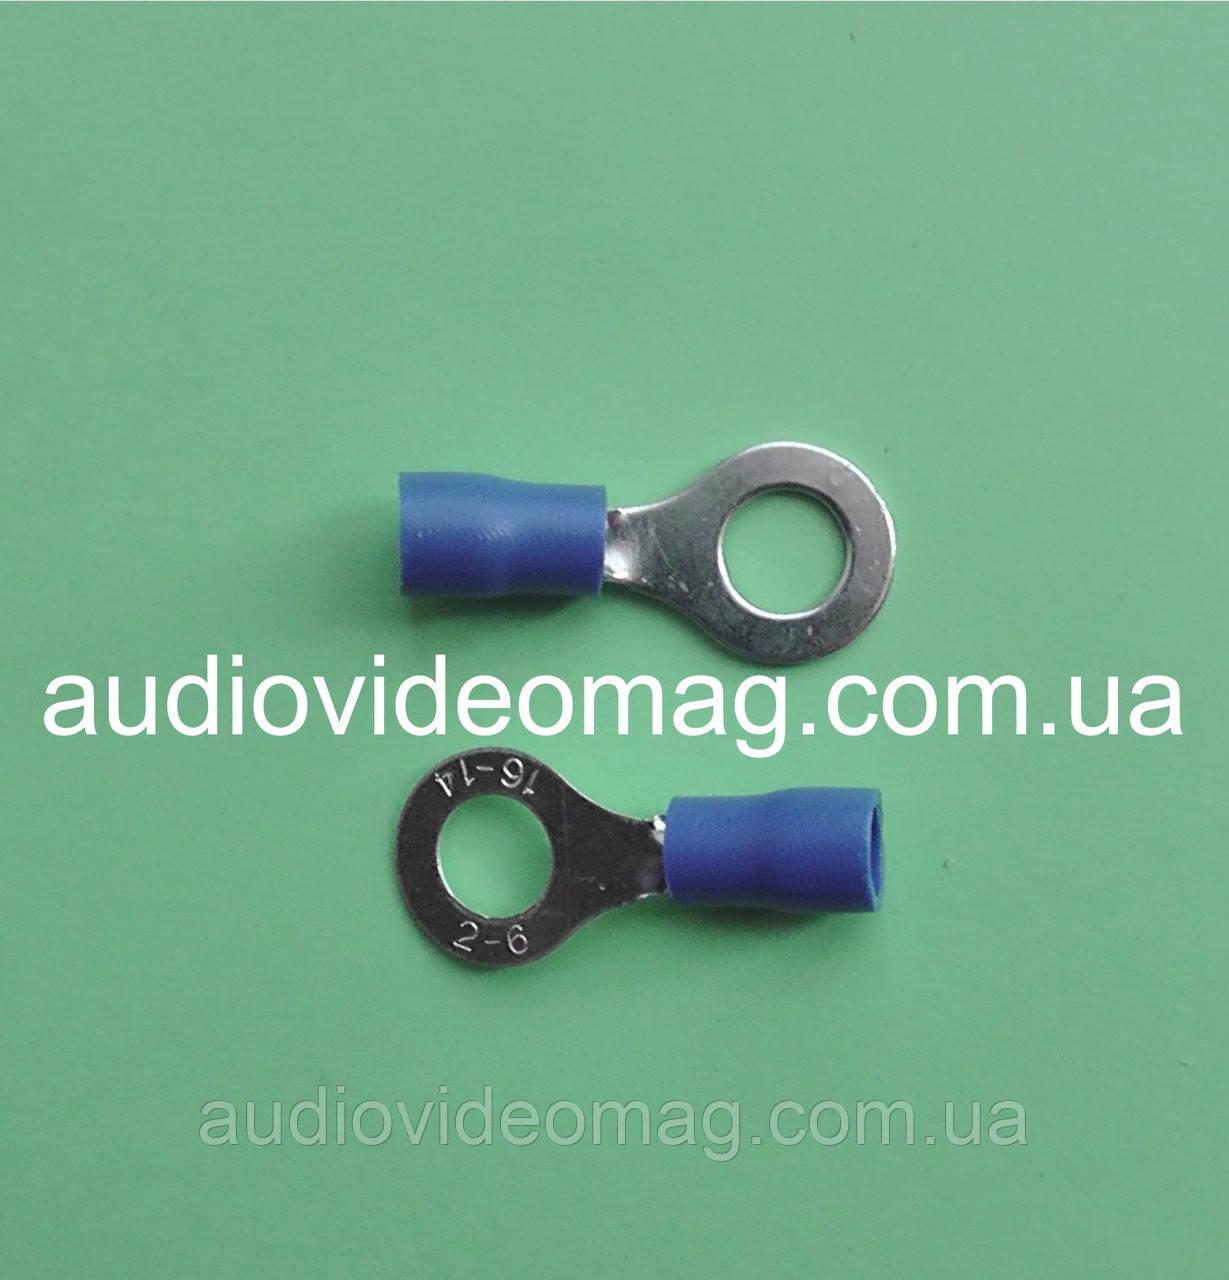 Клемма кольцевая под контакт 6 мм с изоляцией, упаковка 50 шт.